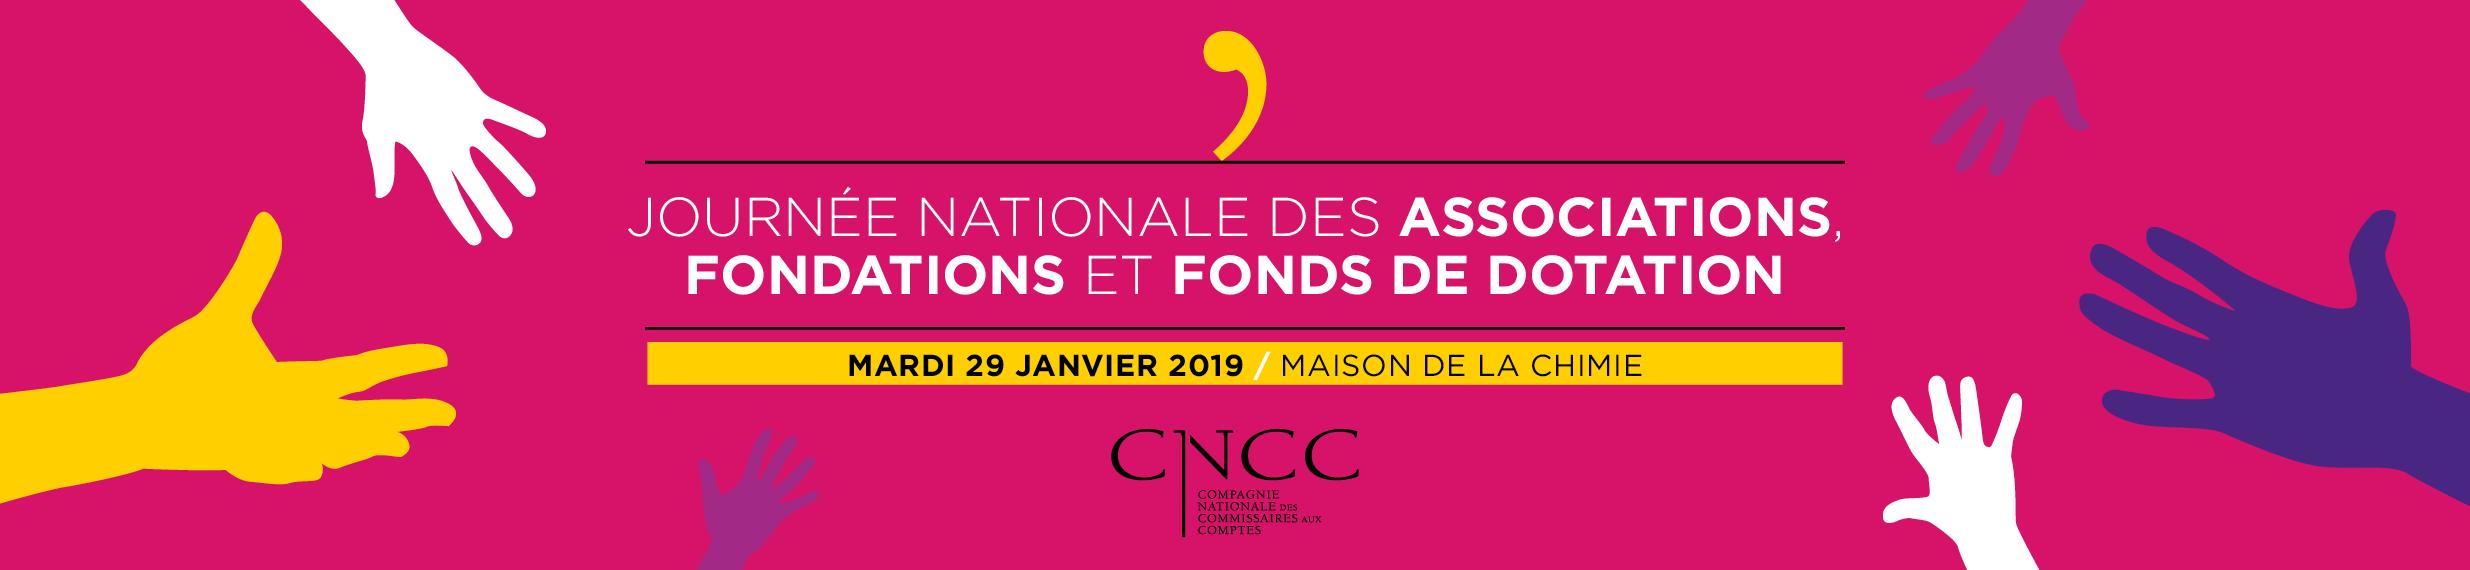 Cncc Compagnie Nationale Des Commissaires Aux Comptes